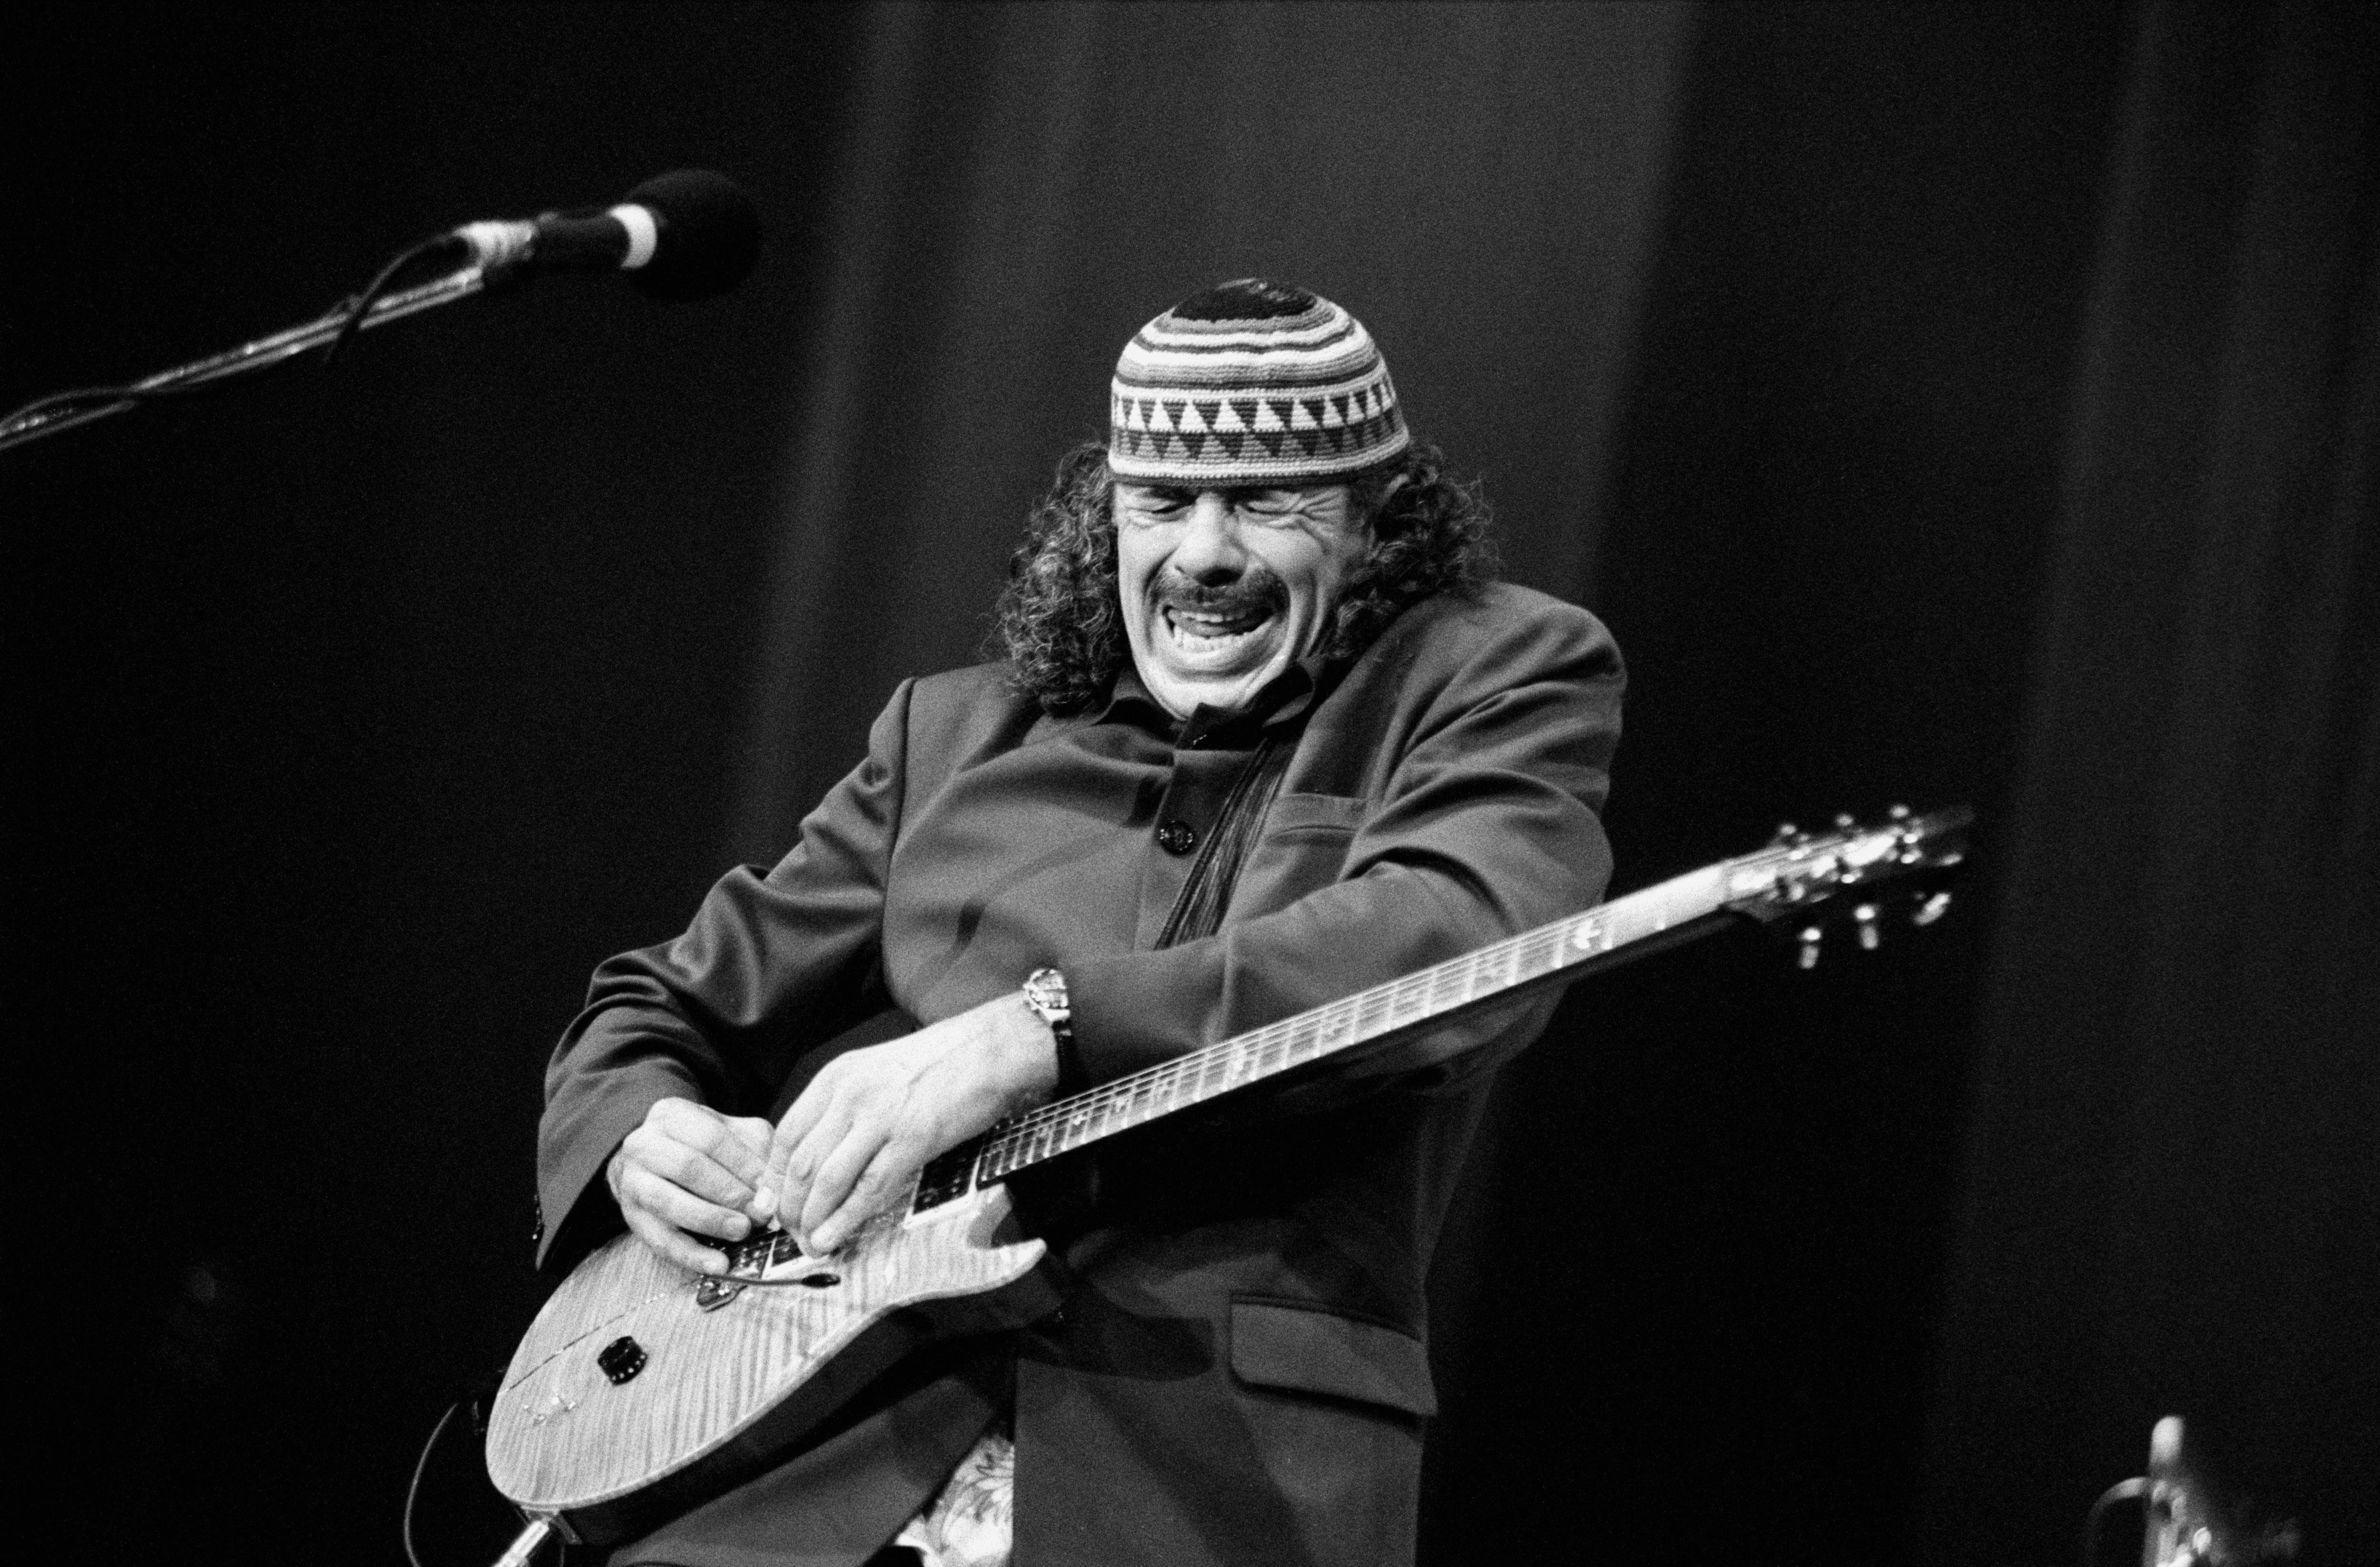 Schlangenbeschwörer Carlos Santana